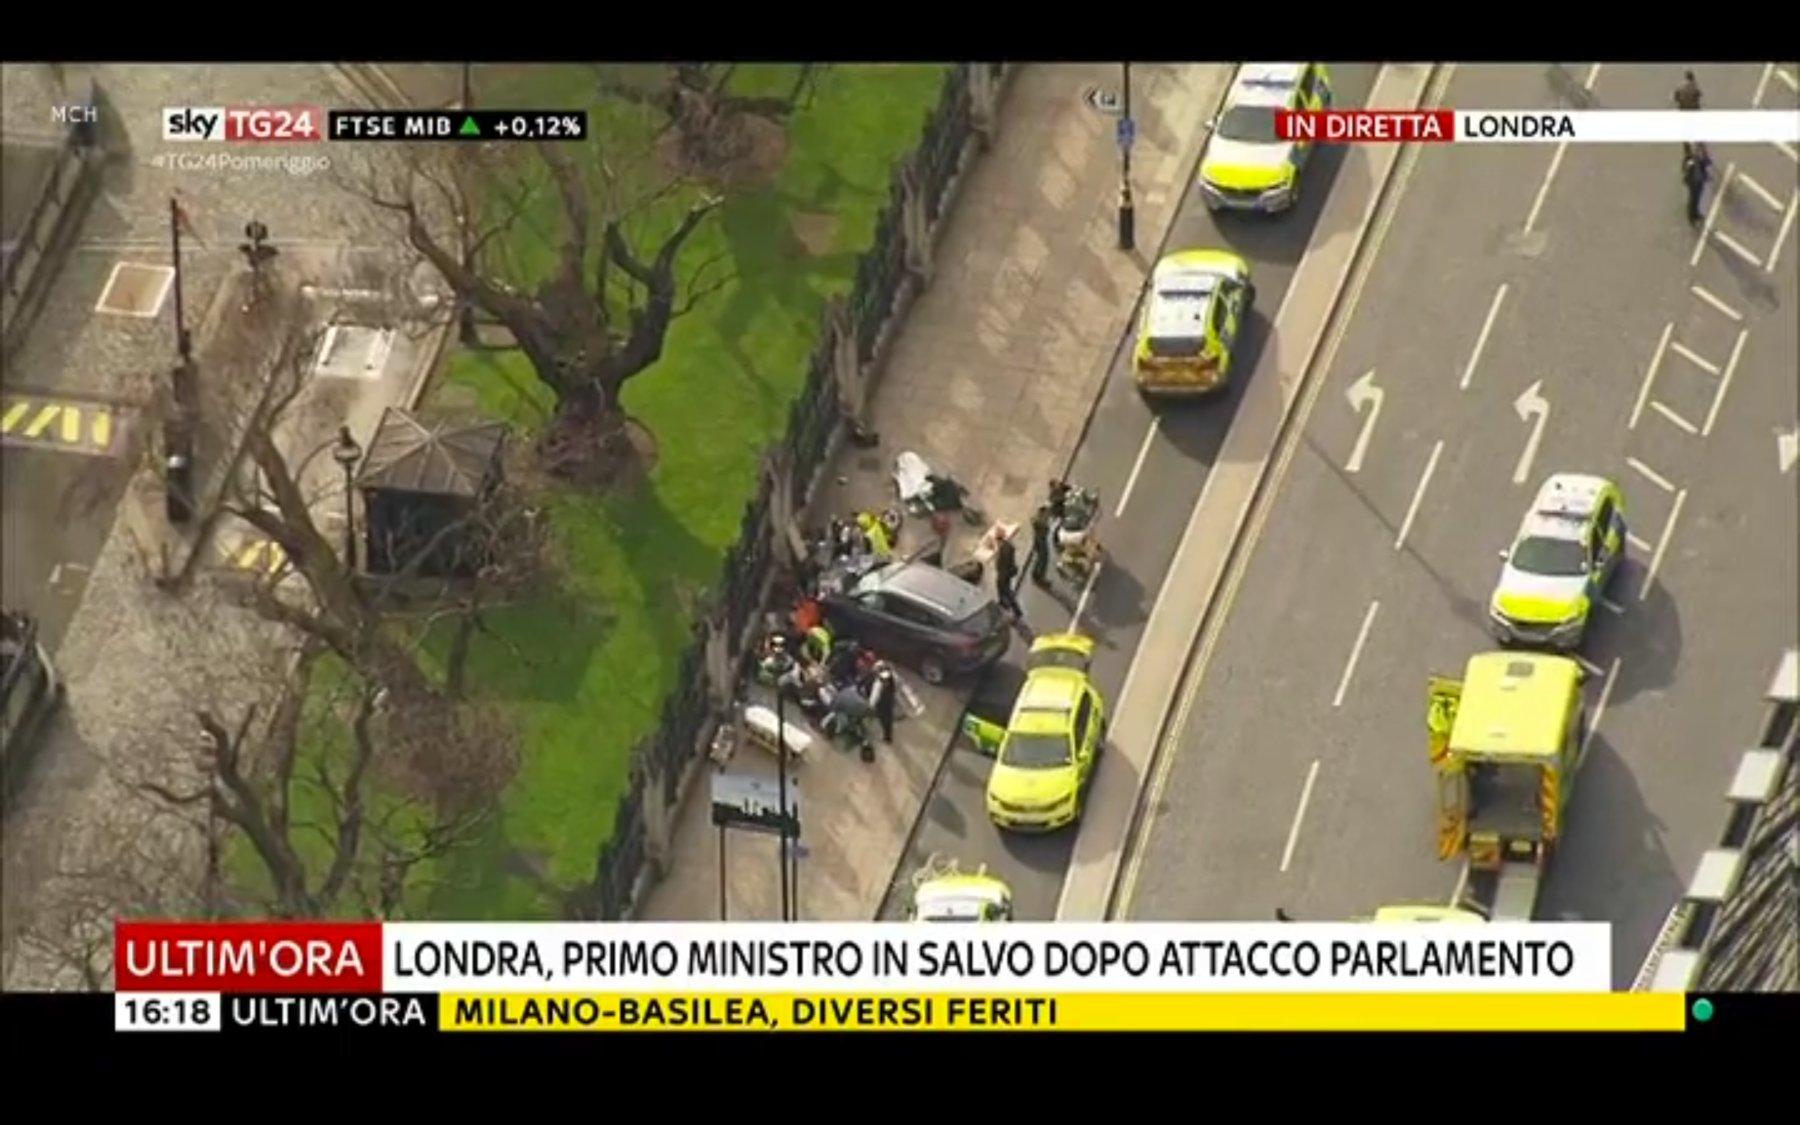 Attentato terroristico di Londra: ultime notizie, si aggrava il bilancio